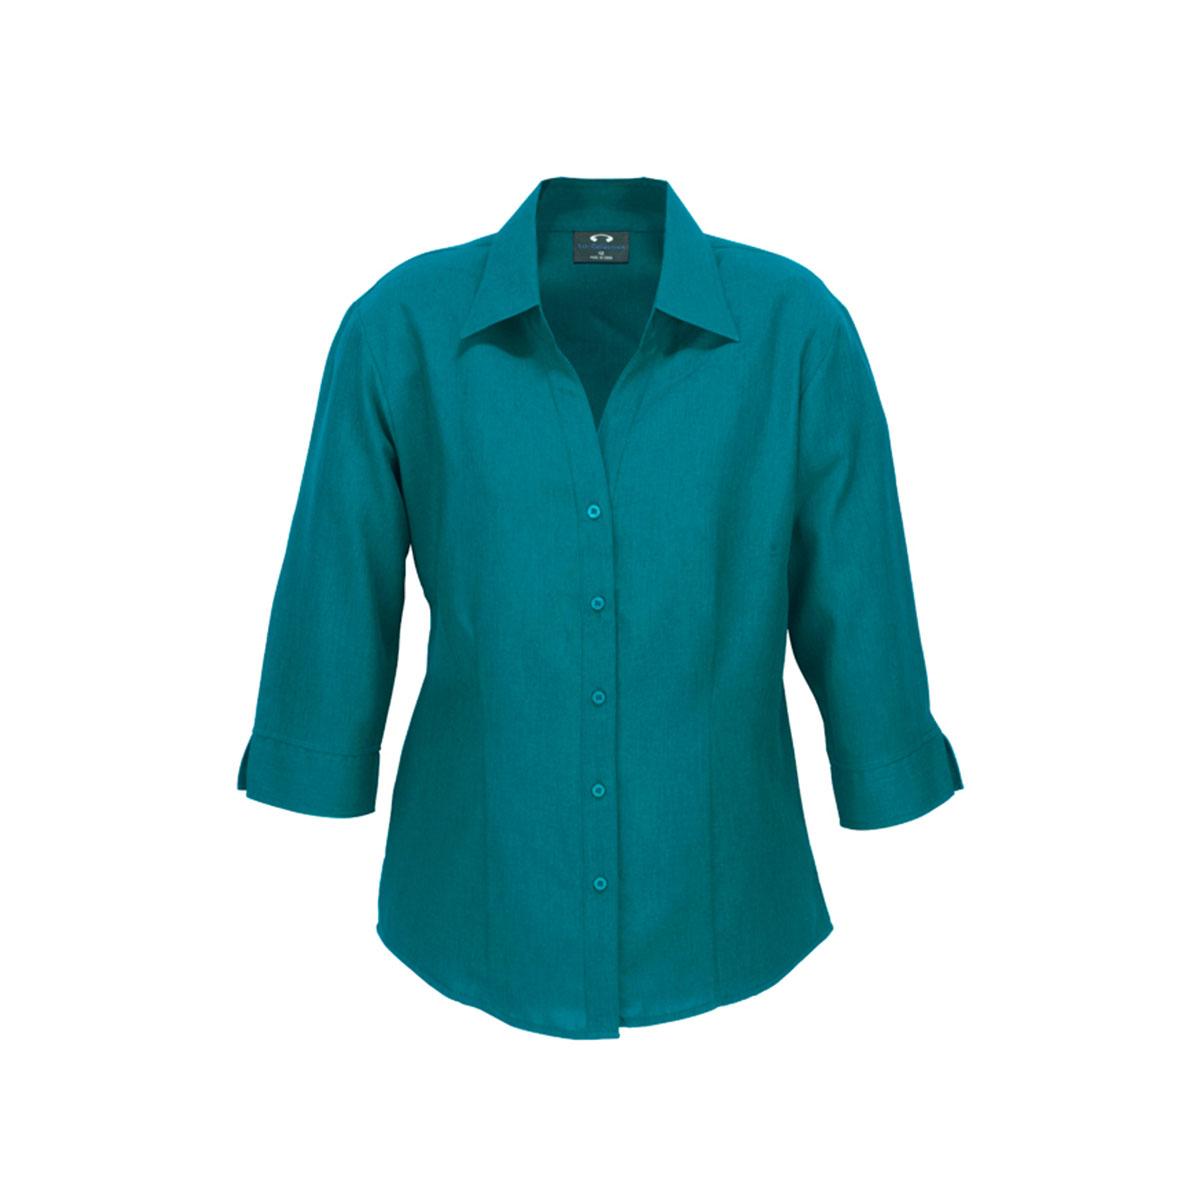 Ladies Plain Oasis 3/4 Sleeve Shirt-Teal